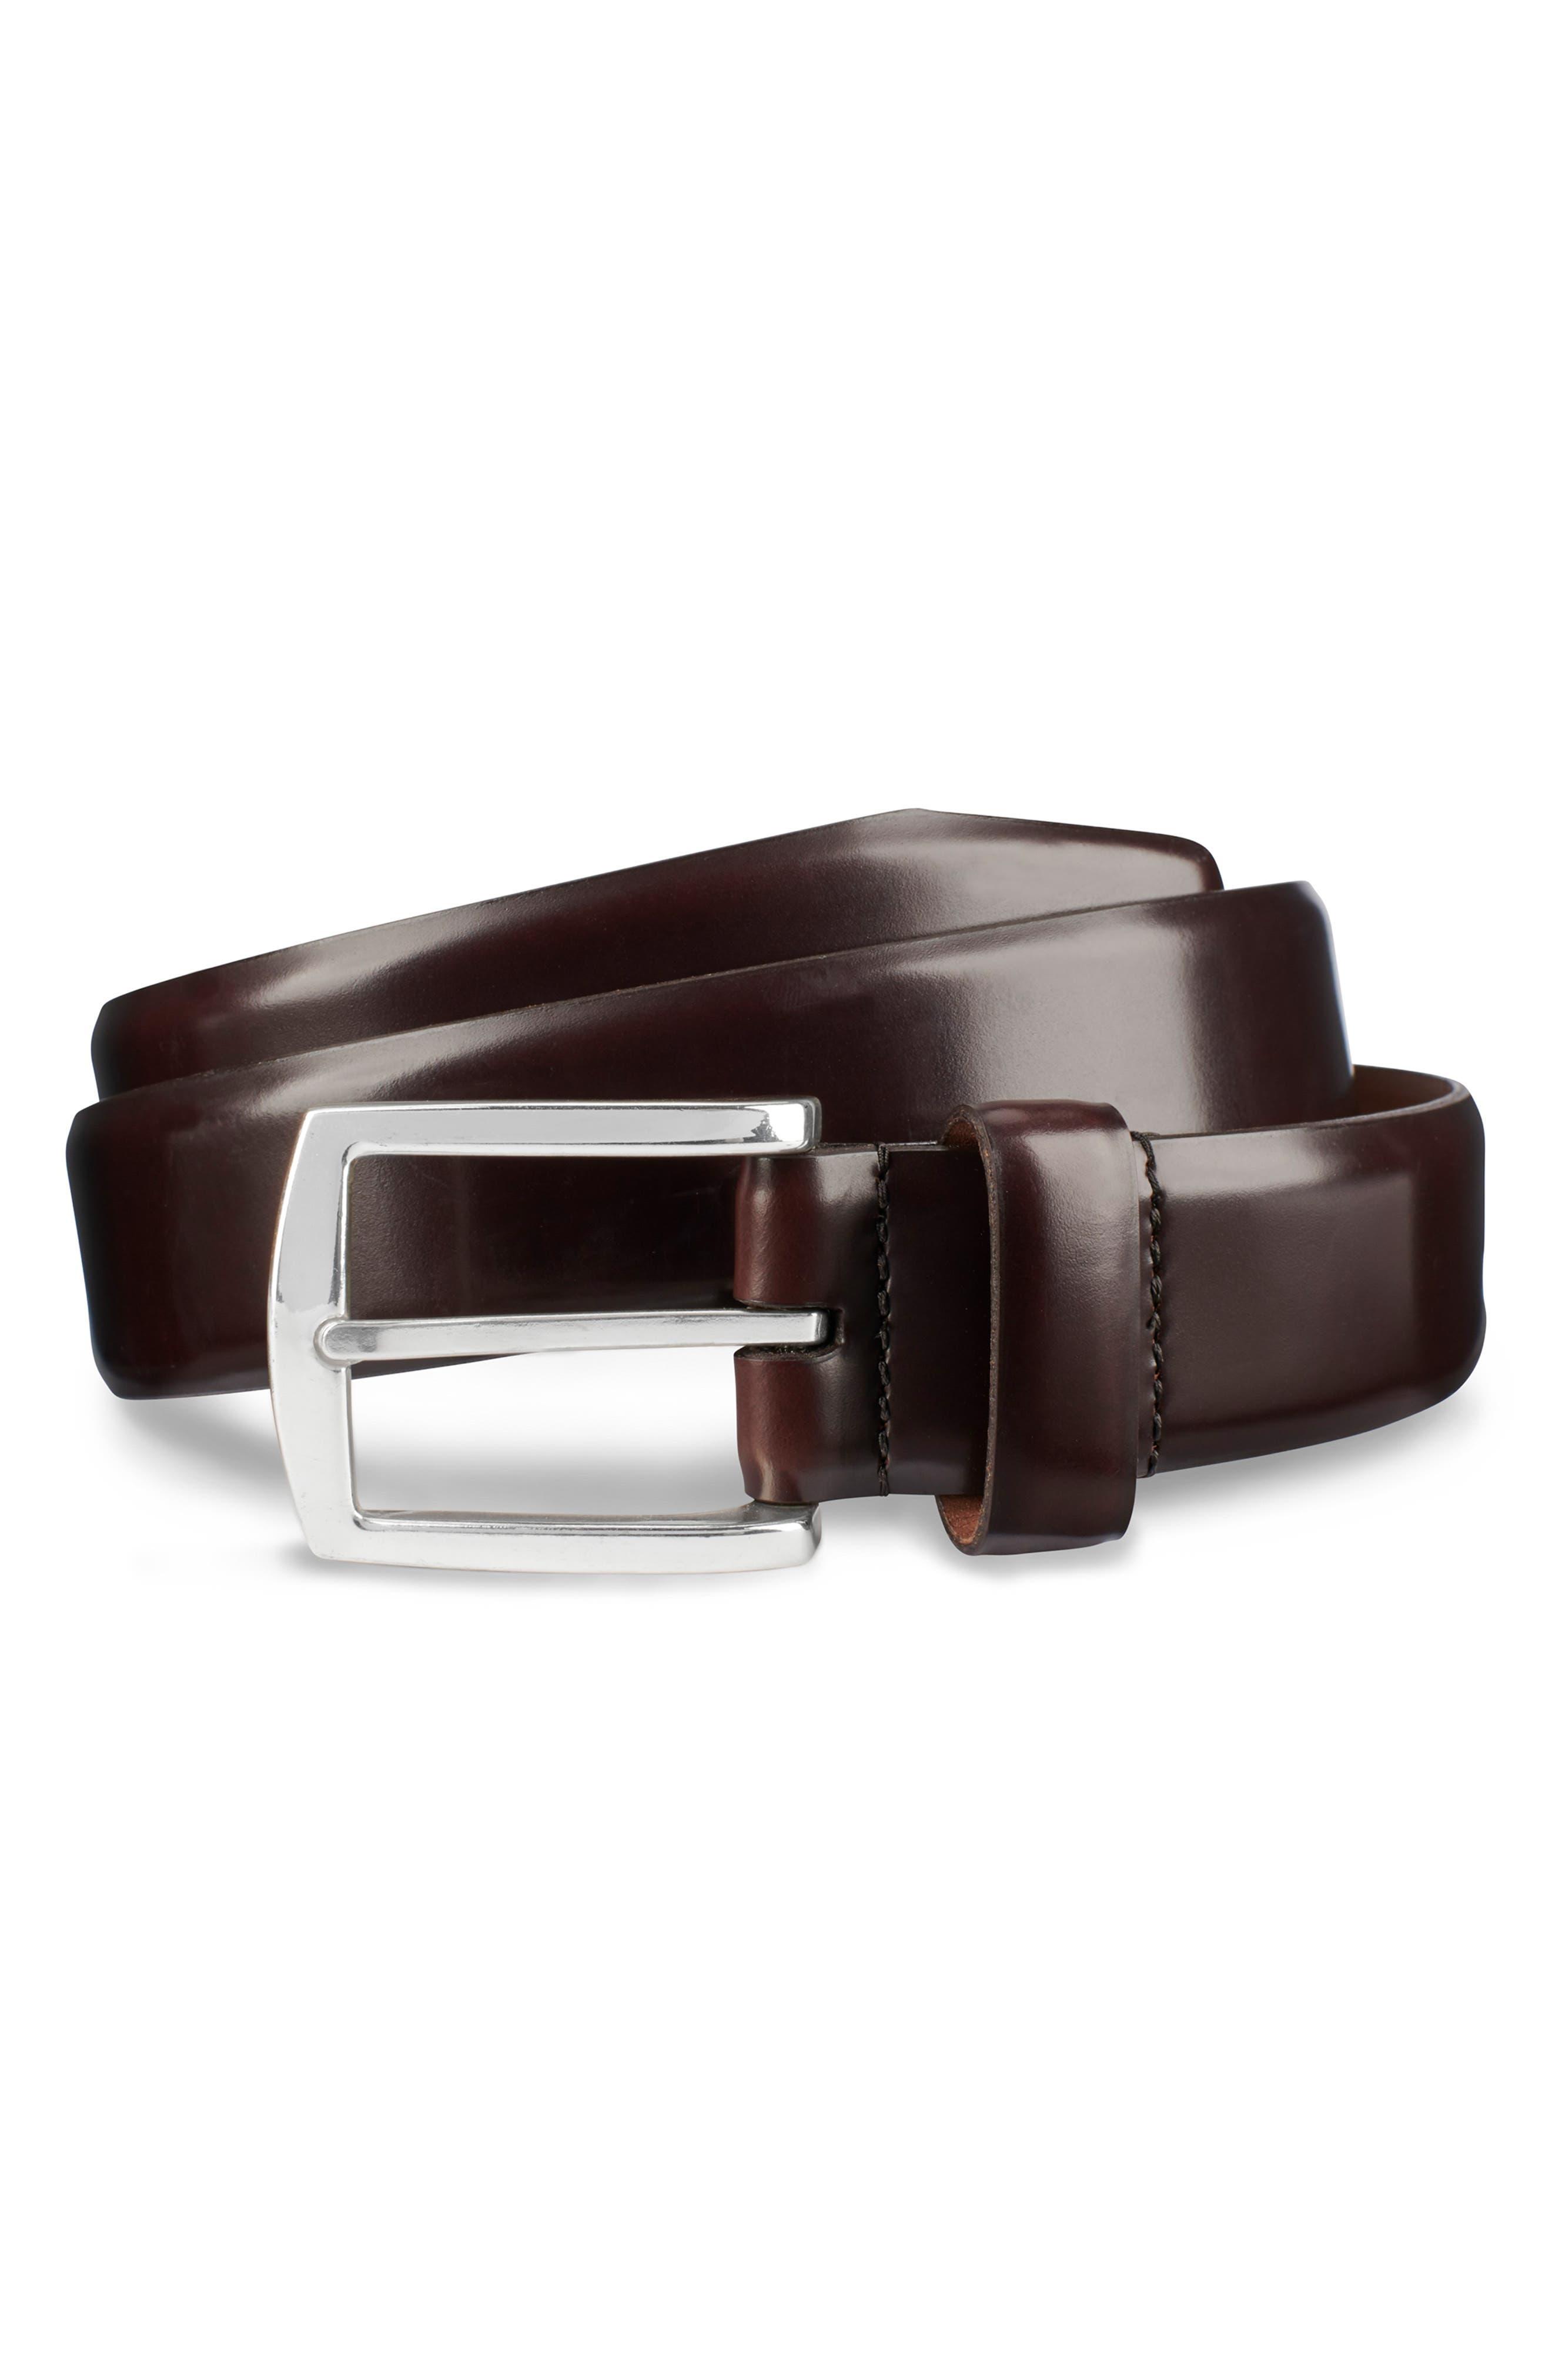 Midland Ave. Leather Belt